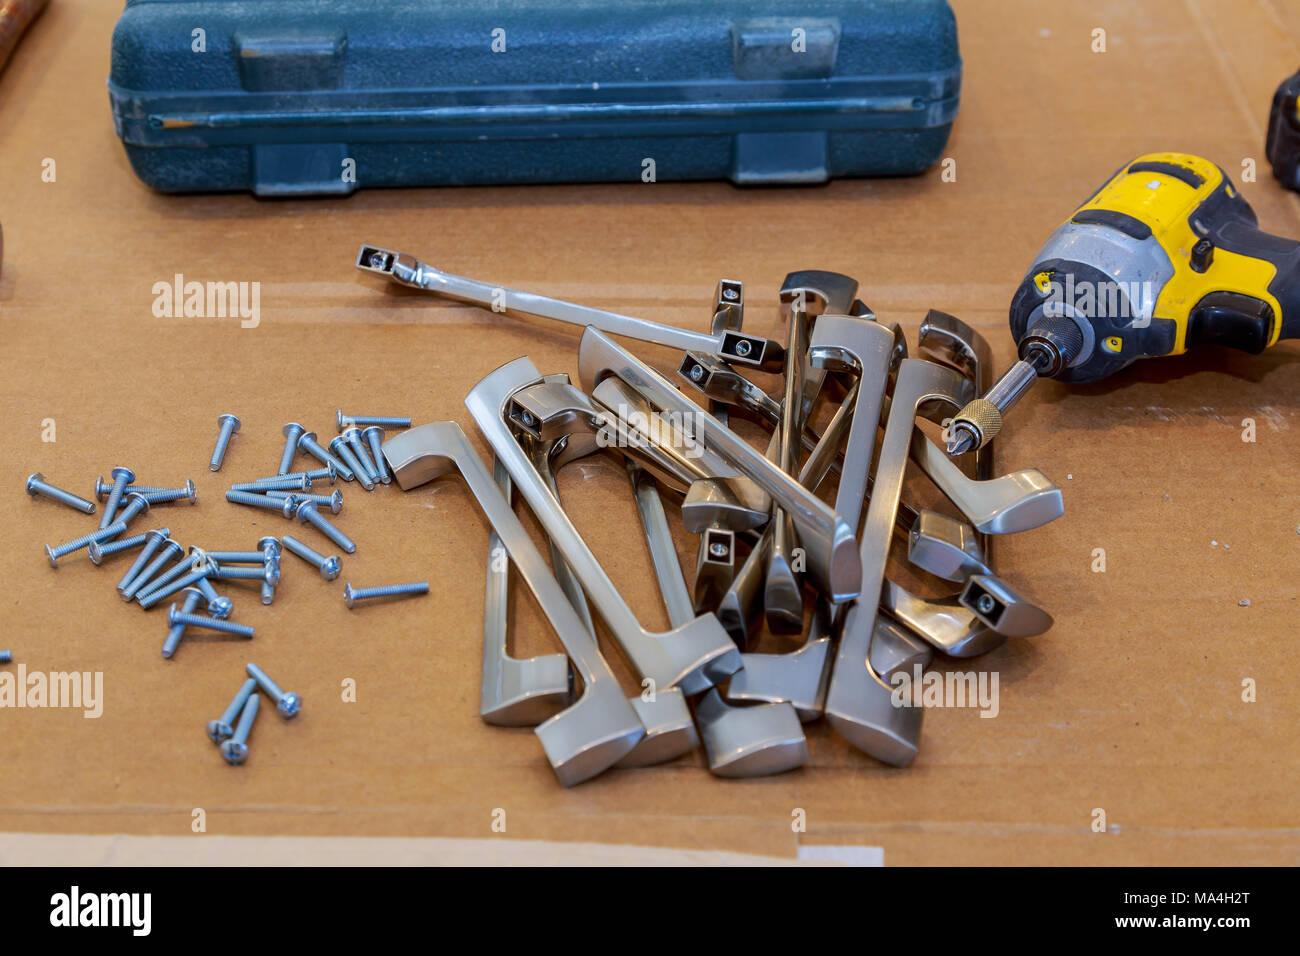 Maniglie X Mobili Da Cucina accessori per mobili. maniglie per mobili su un maniglie per